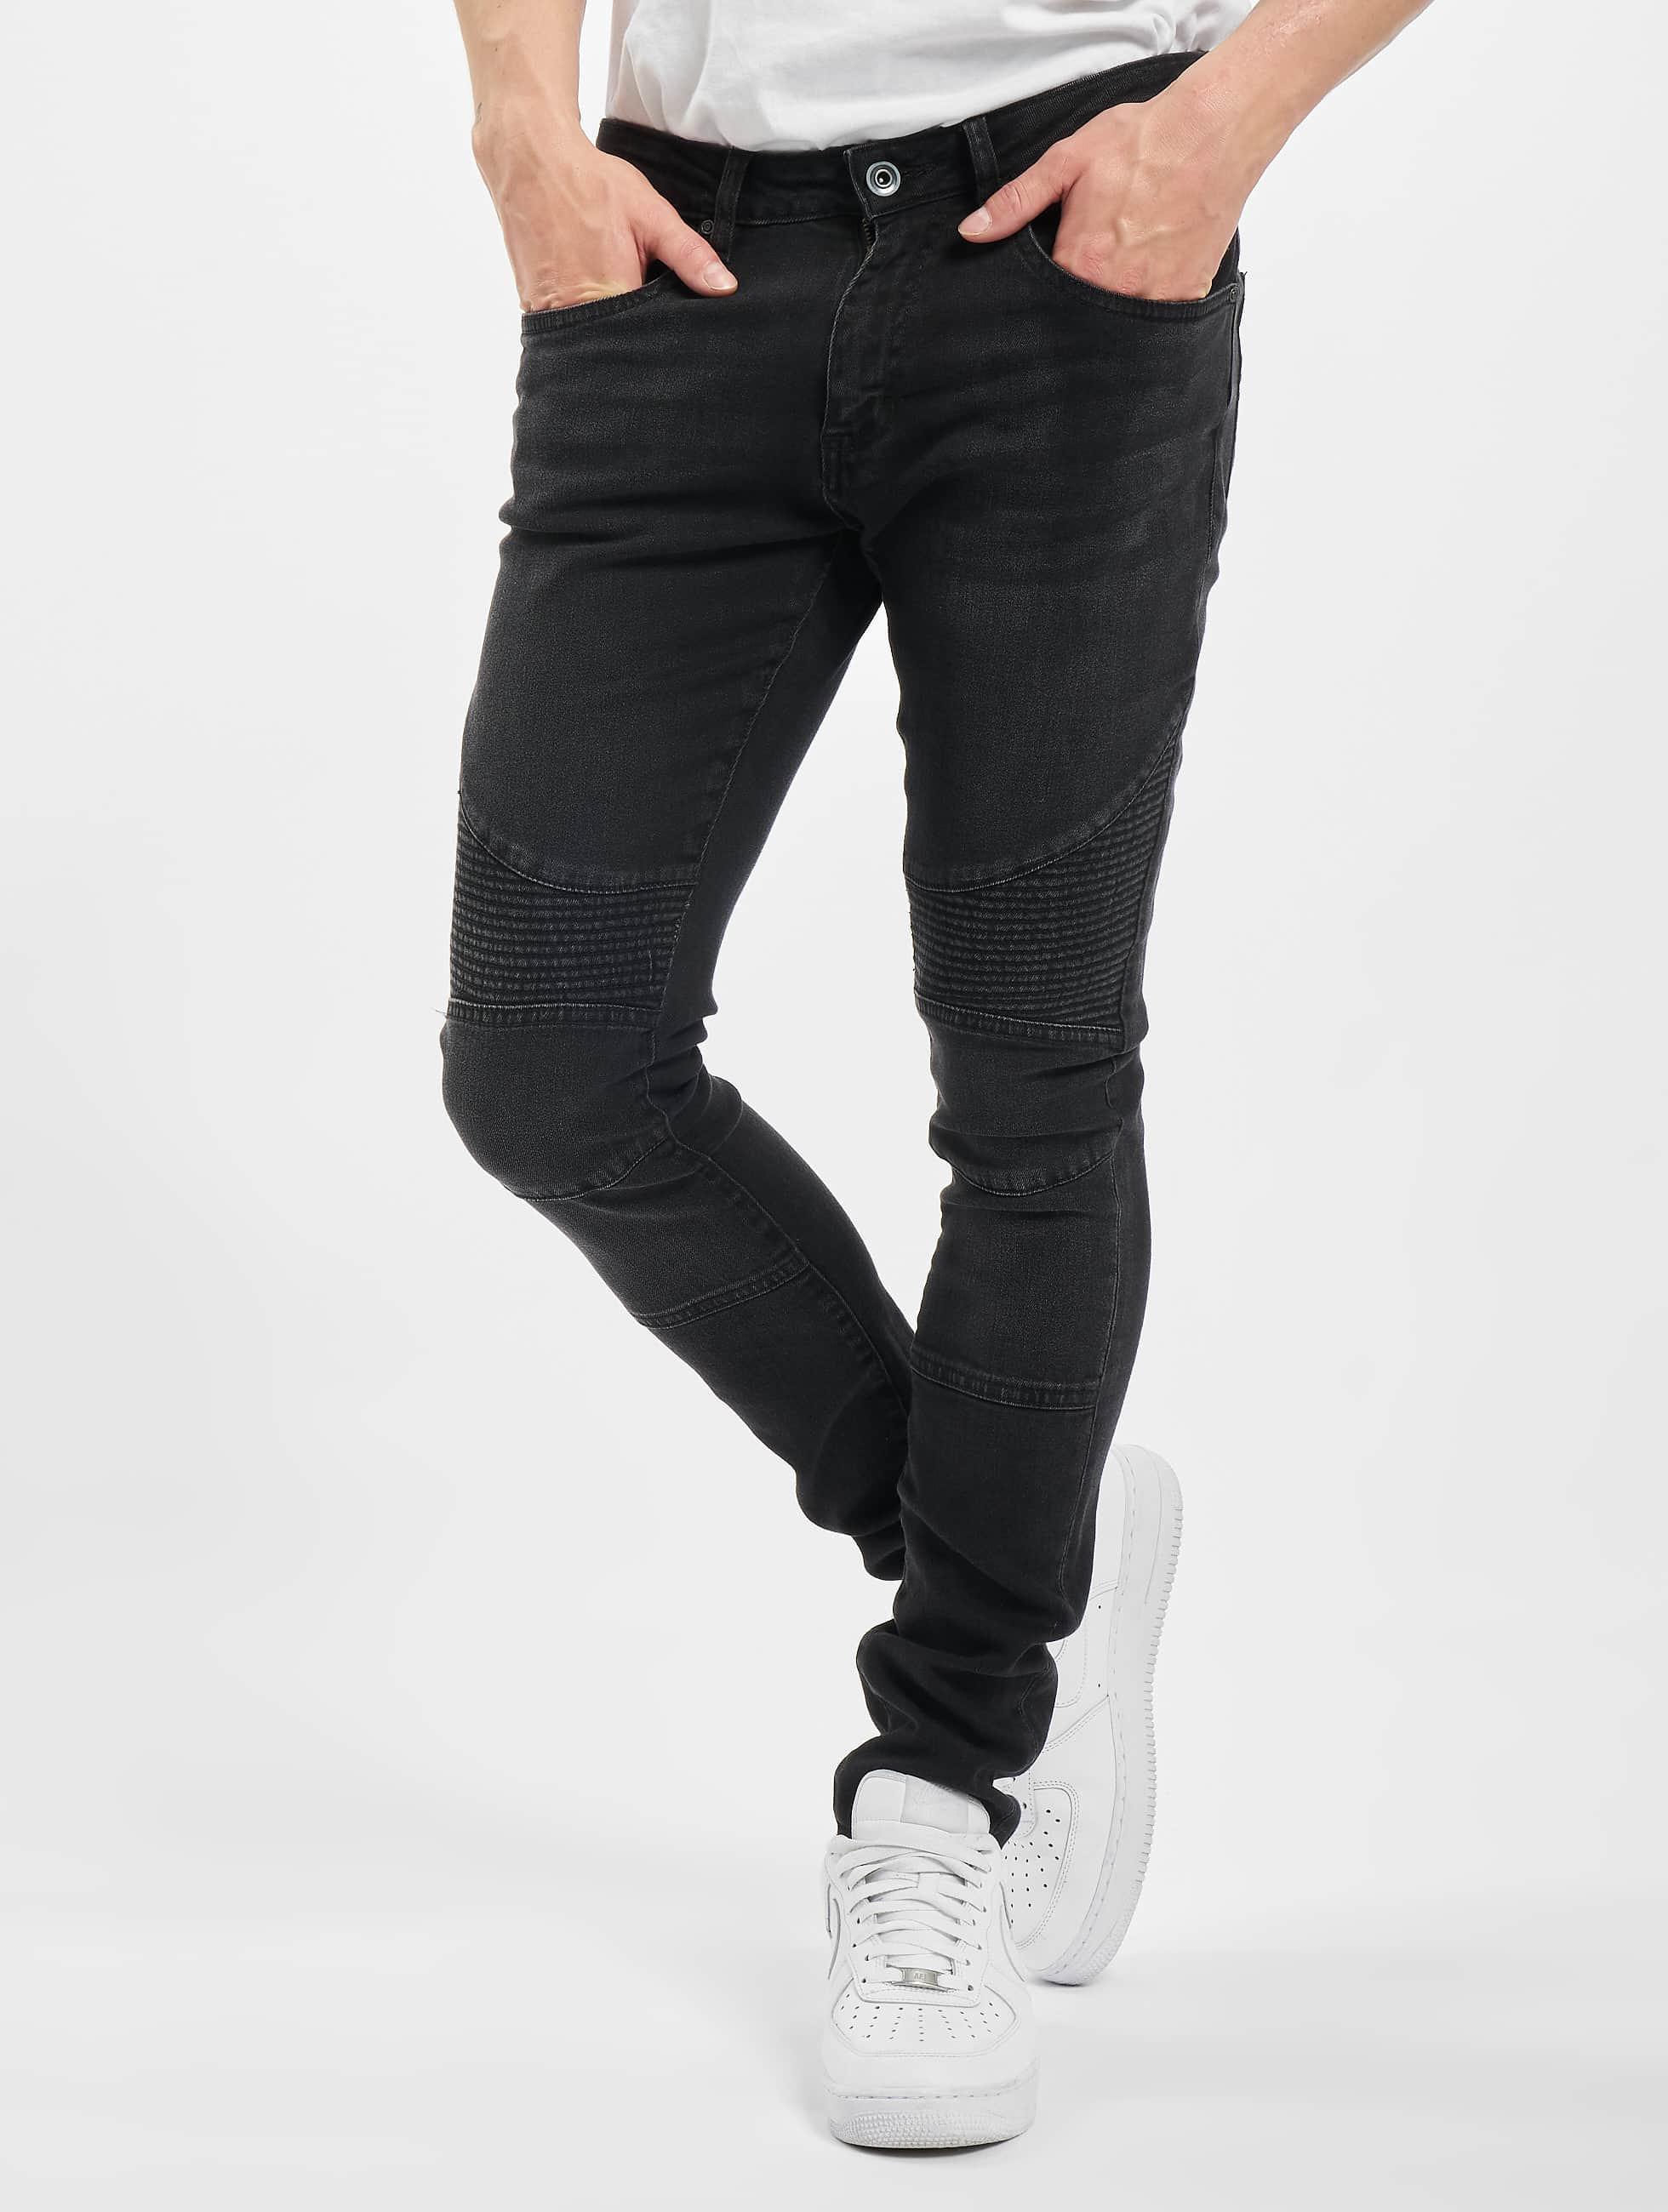 Urban Classics Skinny Jeans Slim Fit Biker black